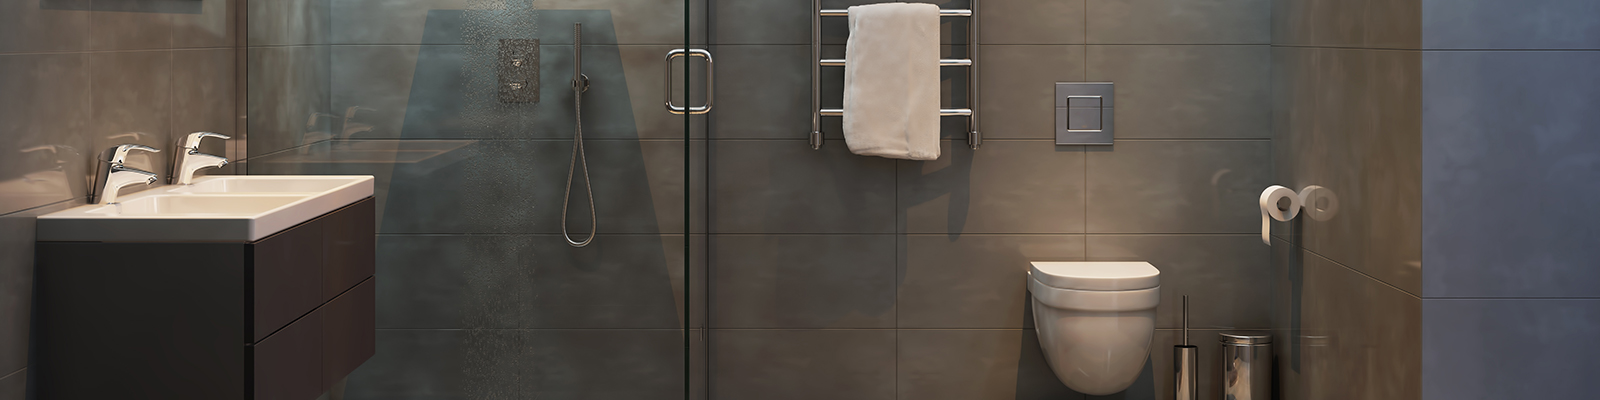 Les différents styles de salles de bain pour toutes vos envies